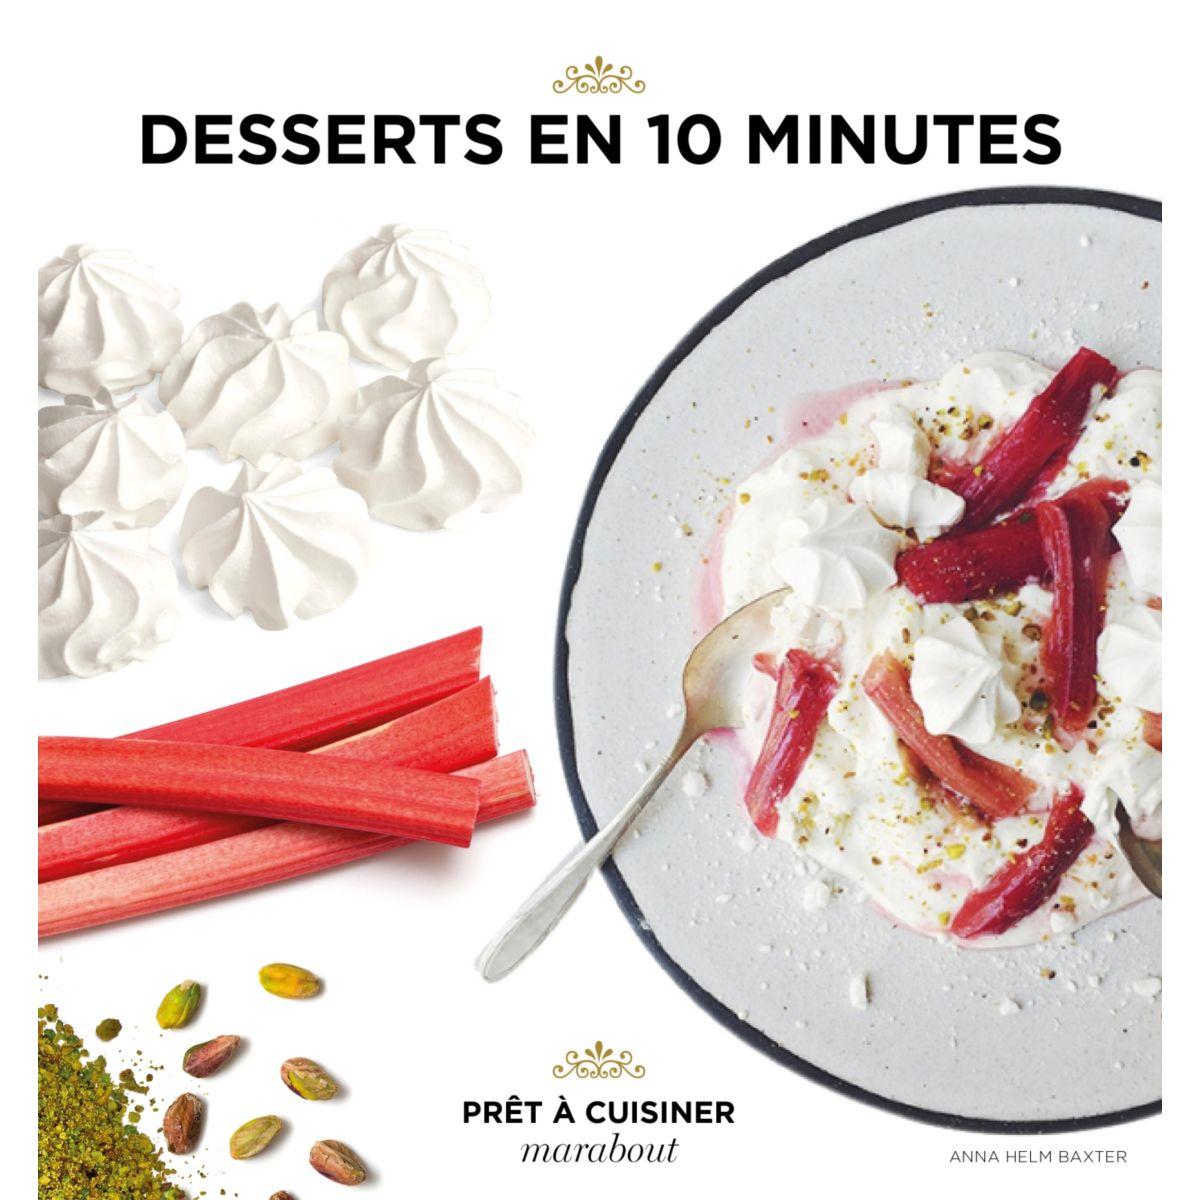 Livre marabout desserts en 10 minutes - la sélection webdistrib.com (photo)